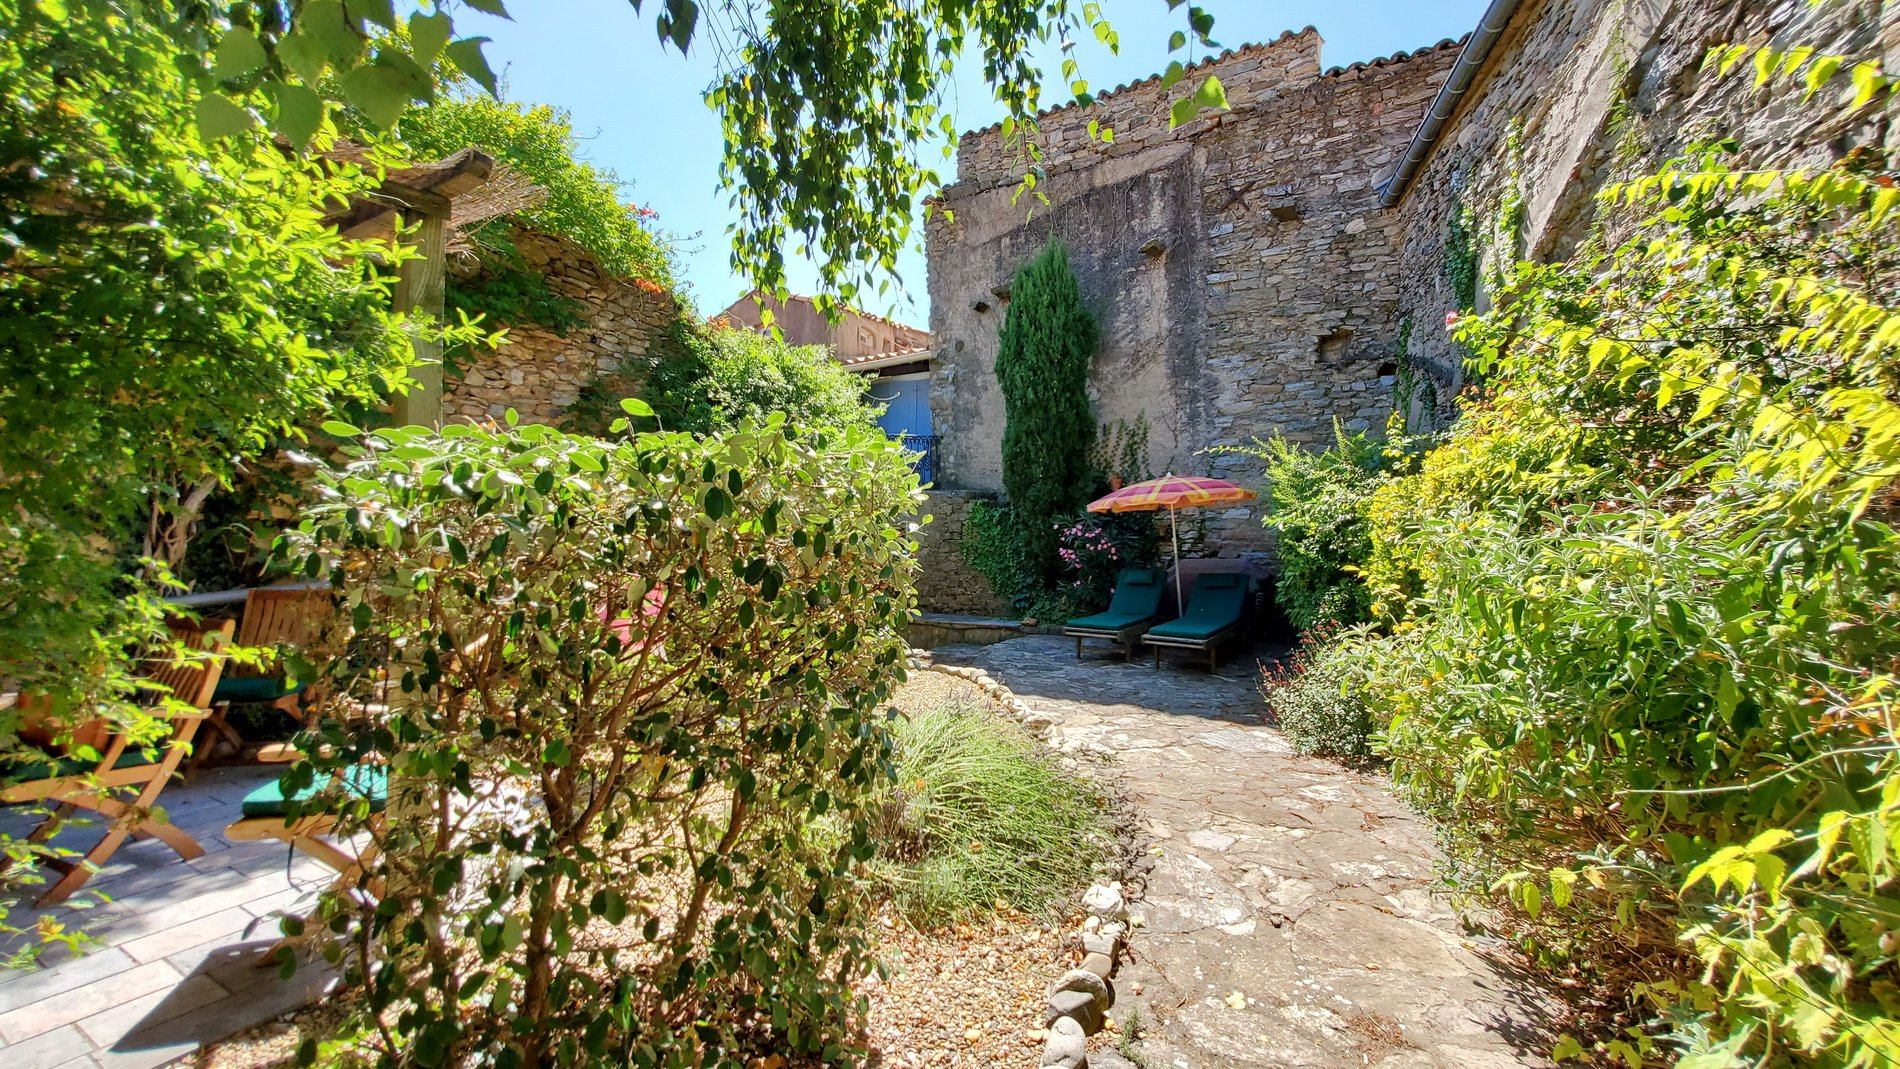 Charmigt byhus med trädgård och terrasser